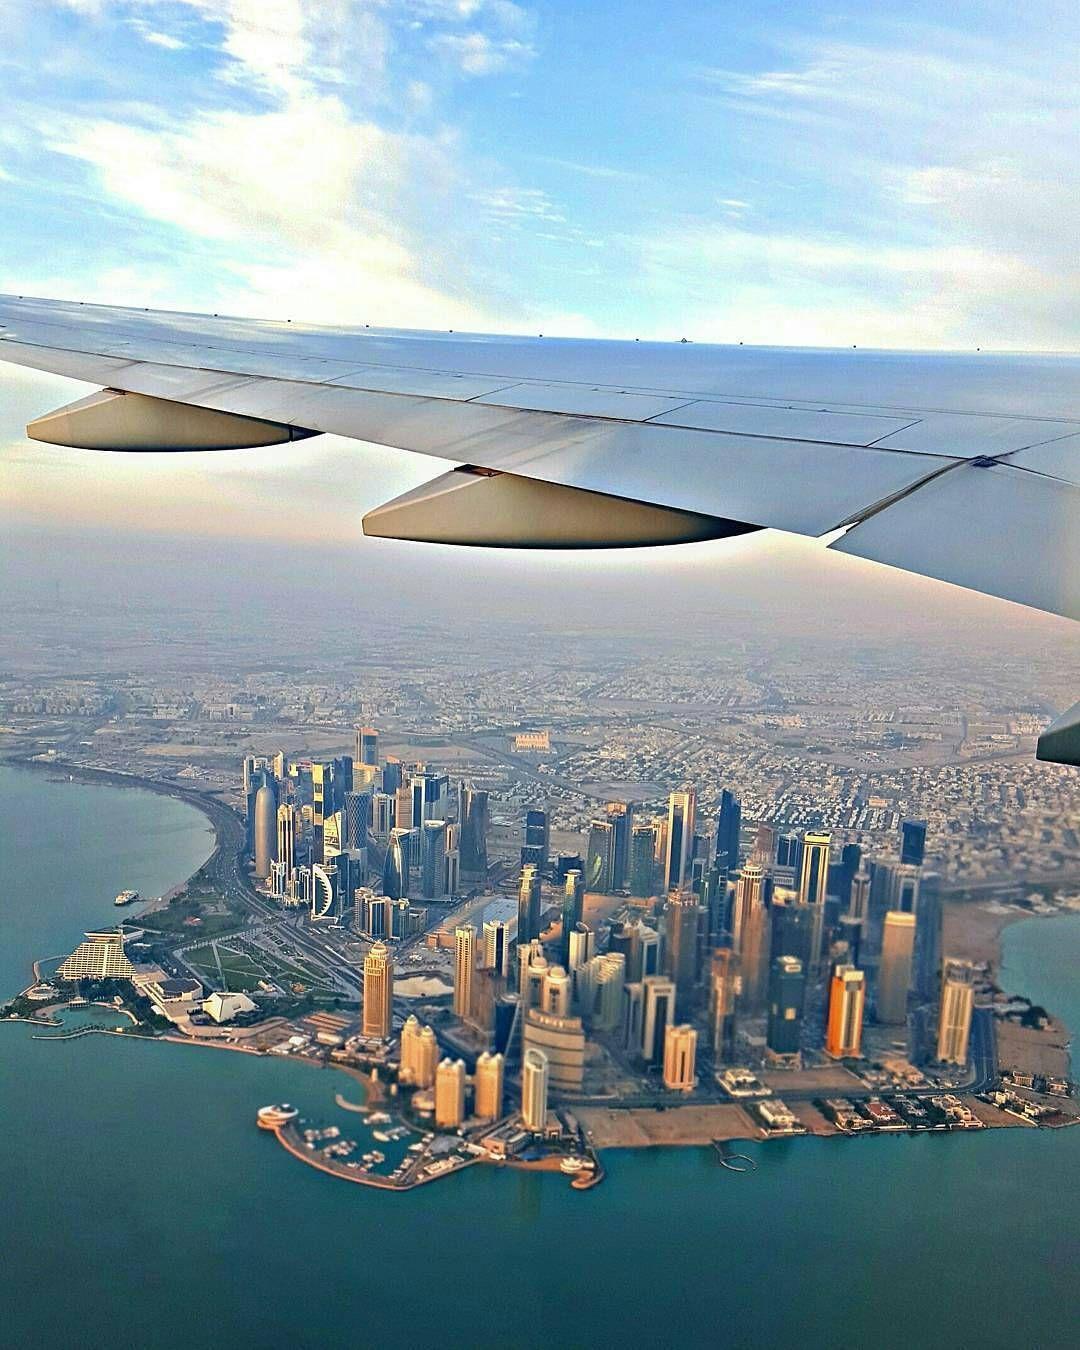 Qatarism Com On Instagram Good Morning Doha Qatar Inesjay Qatar Travel Dubai City Qatar Doha